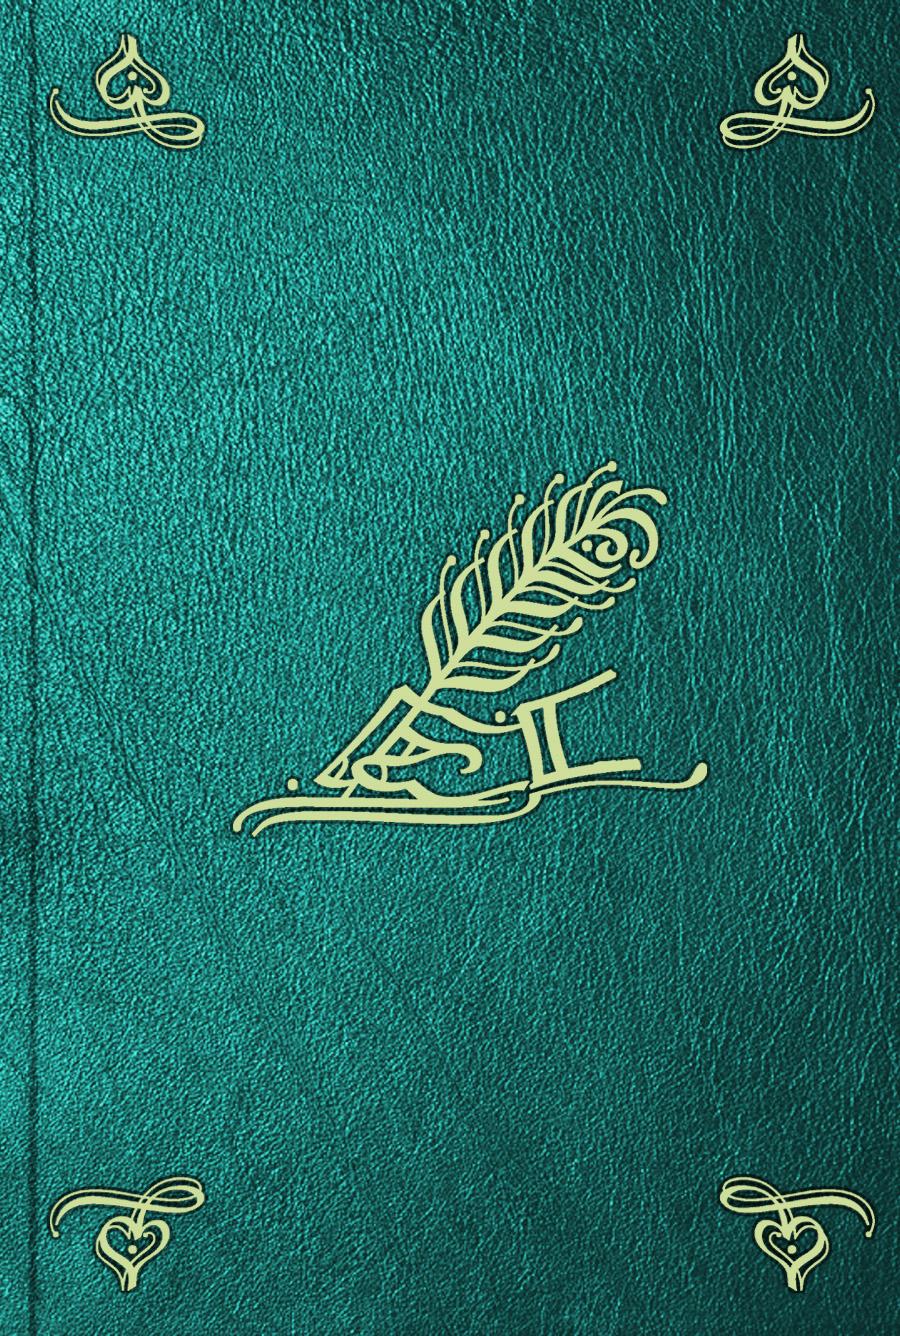 Charles de Bonstetten Voyage sur la scene des six derniers livres de l'Eneide charles de bonstetten voyage sur la scene des six derniers livres de l eneide